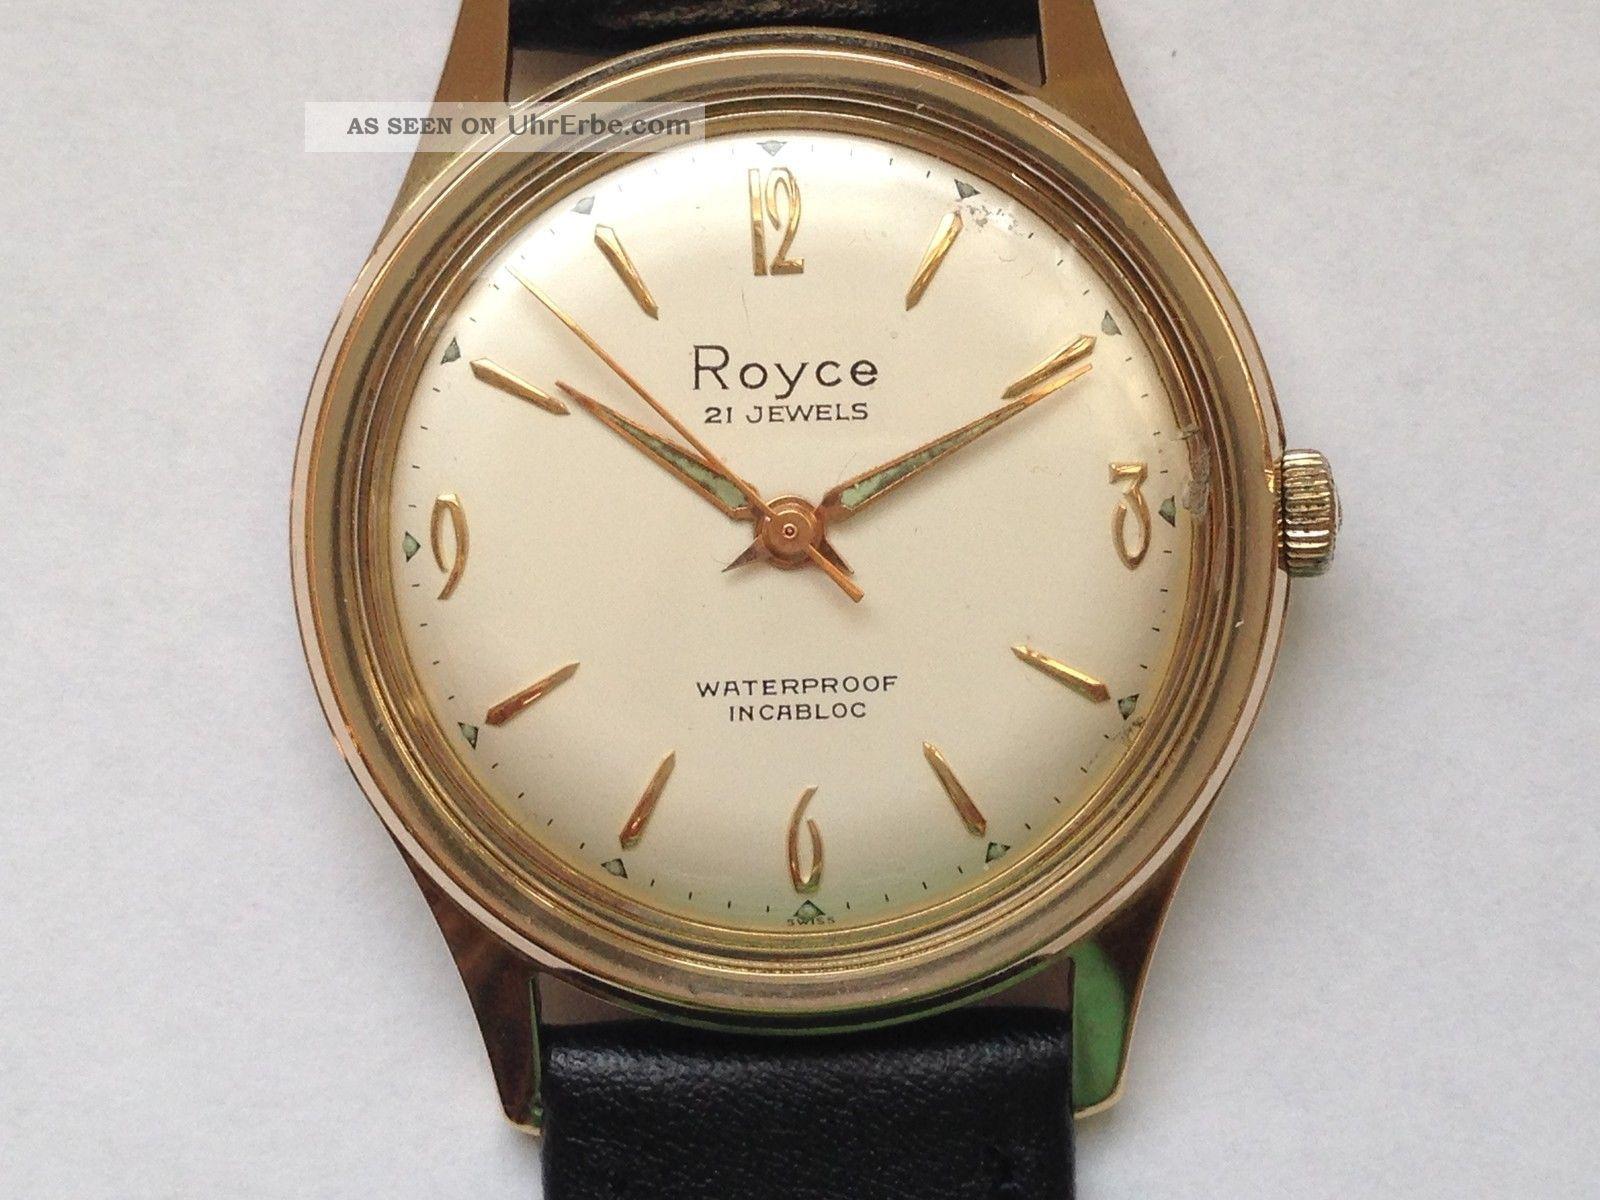 Royce - Swiss Vergoldet Herren Uhr - Handaufzug Armbanduhren Bild